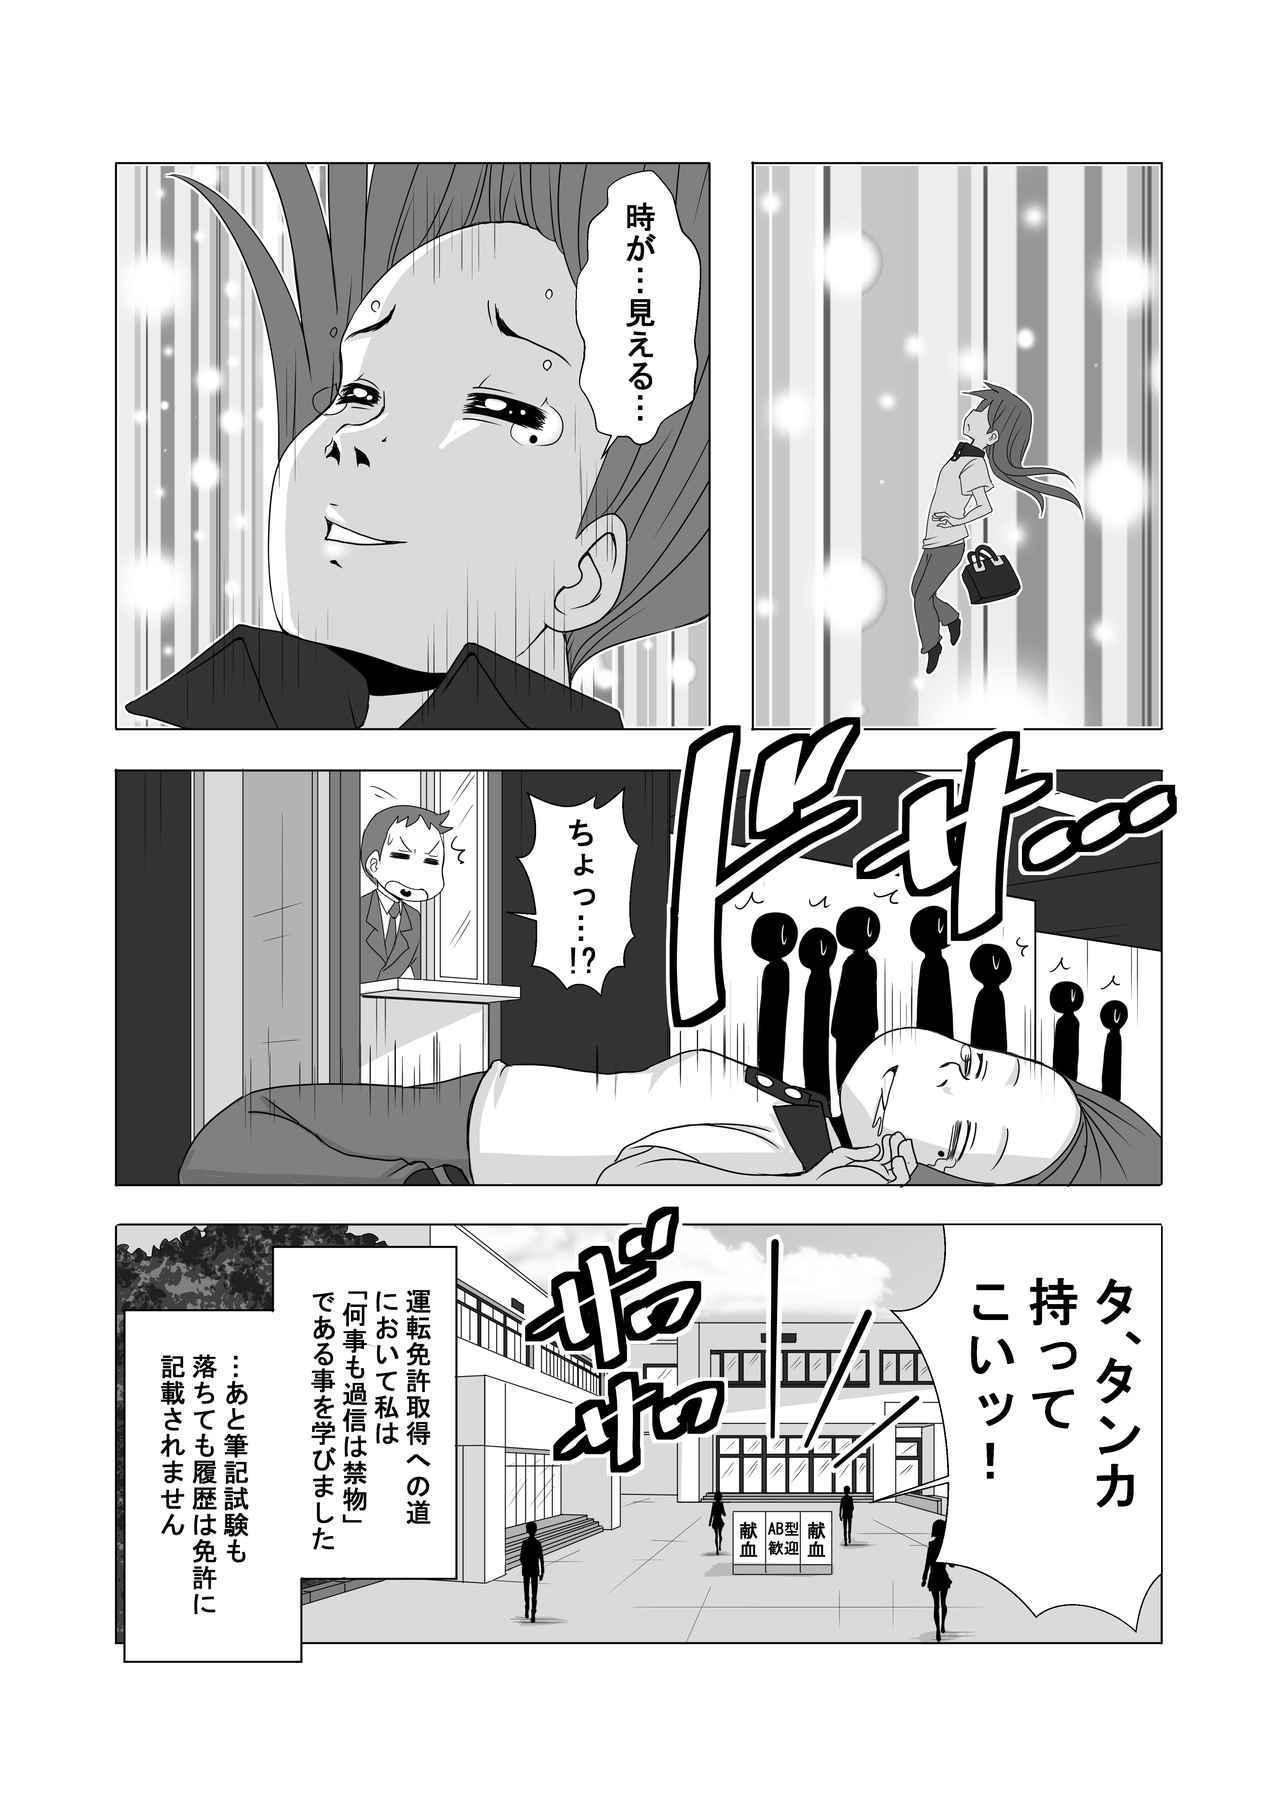 画像10: 【連載】馬場郁子がこよなくバイクを愛す理由(第十一話:過信禁物なワケ)作:鈴木秀吉